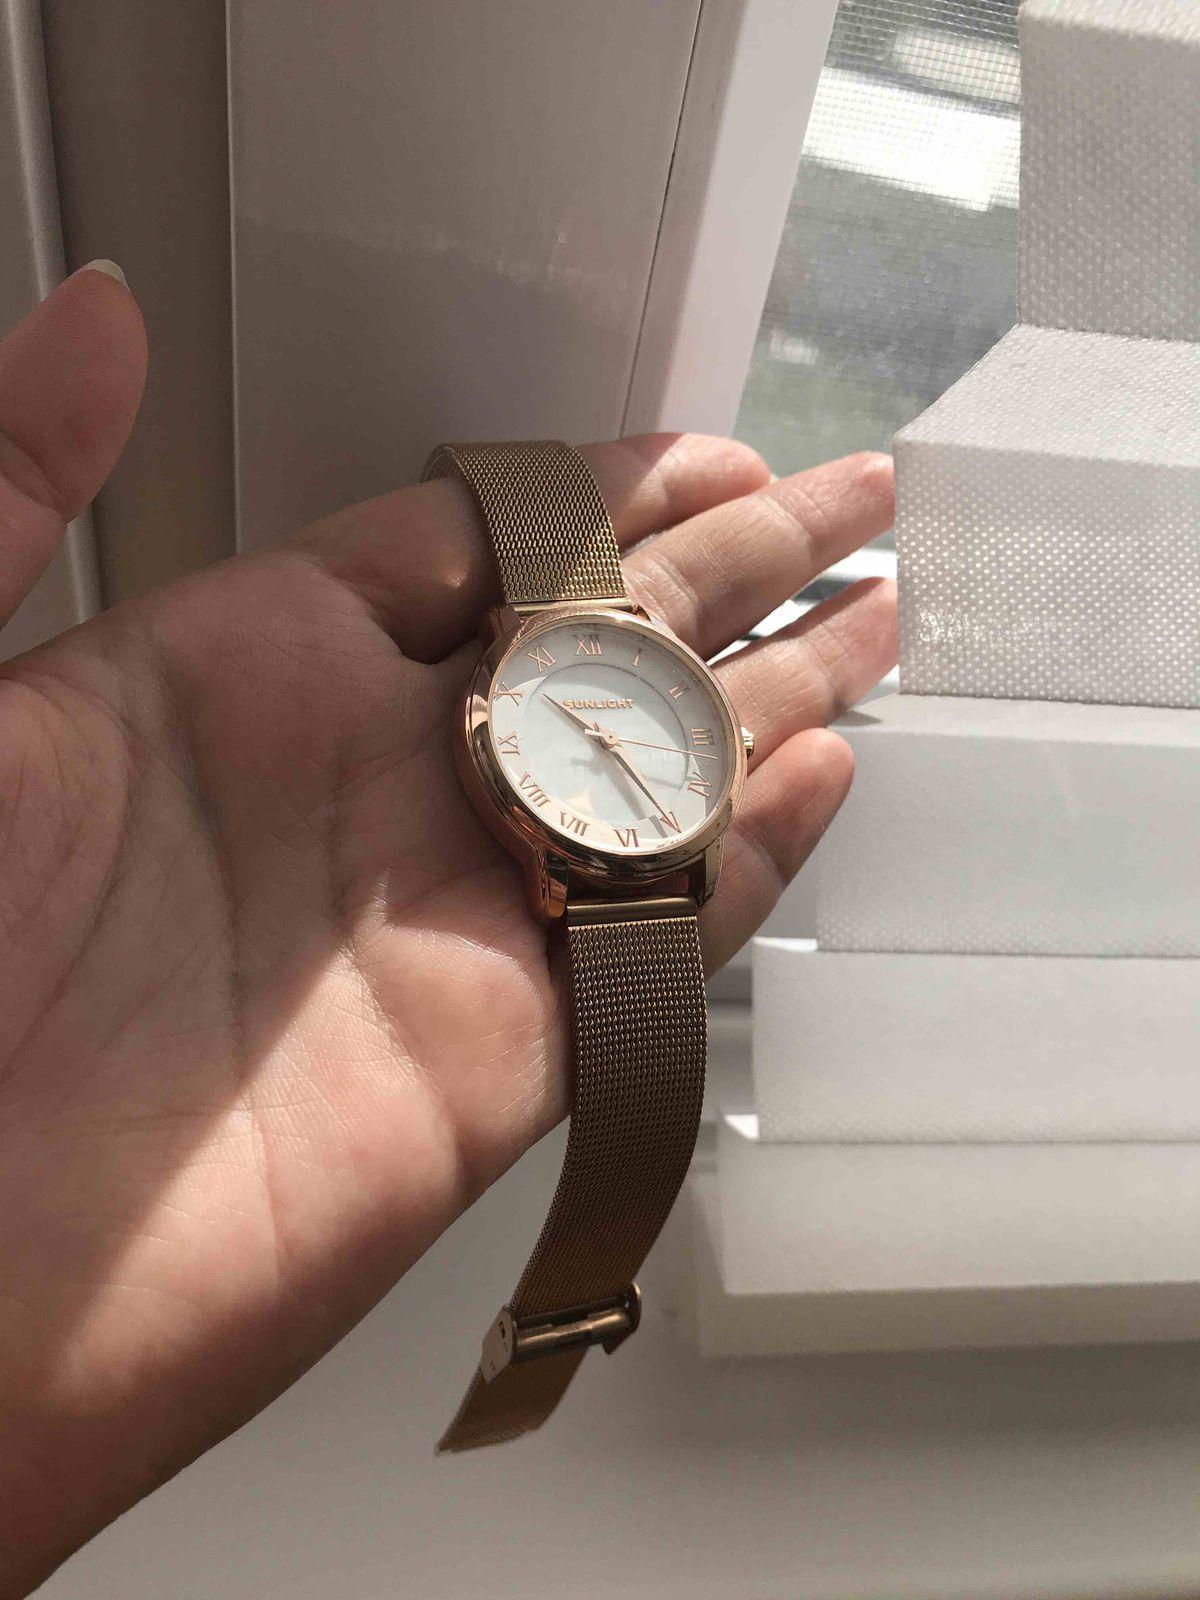 Потрясающие  часы с миланским браслетом🤩